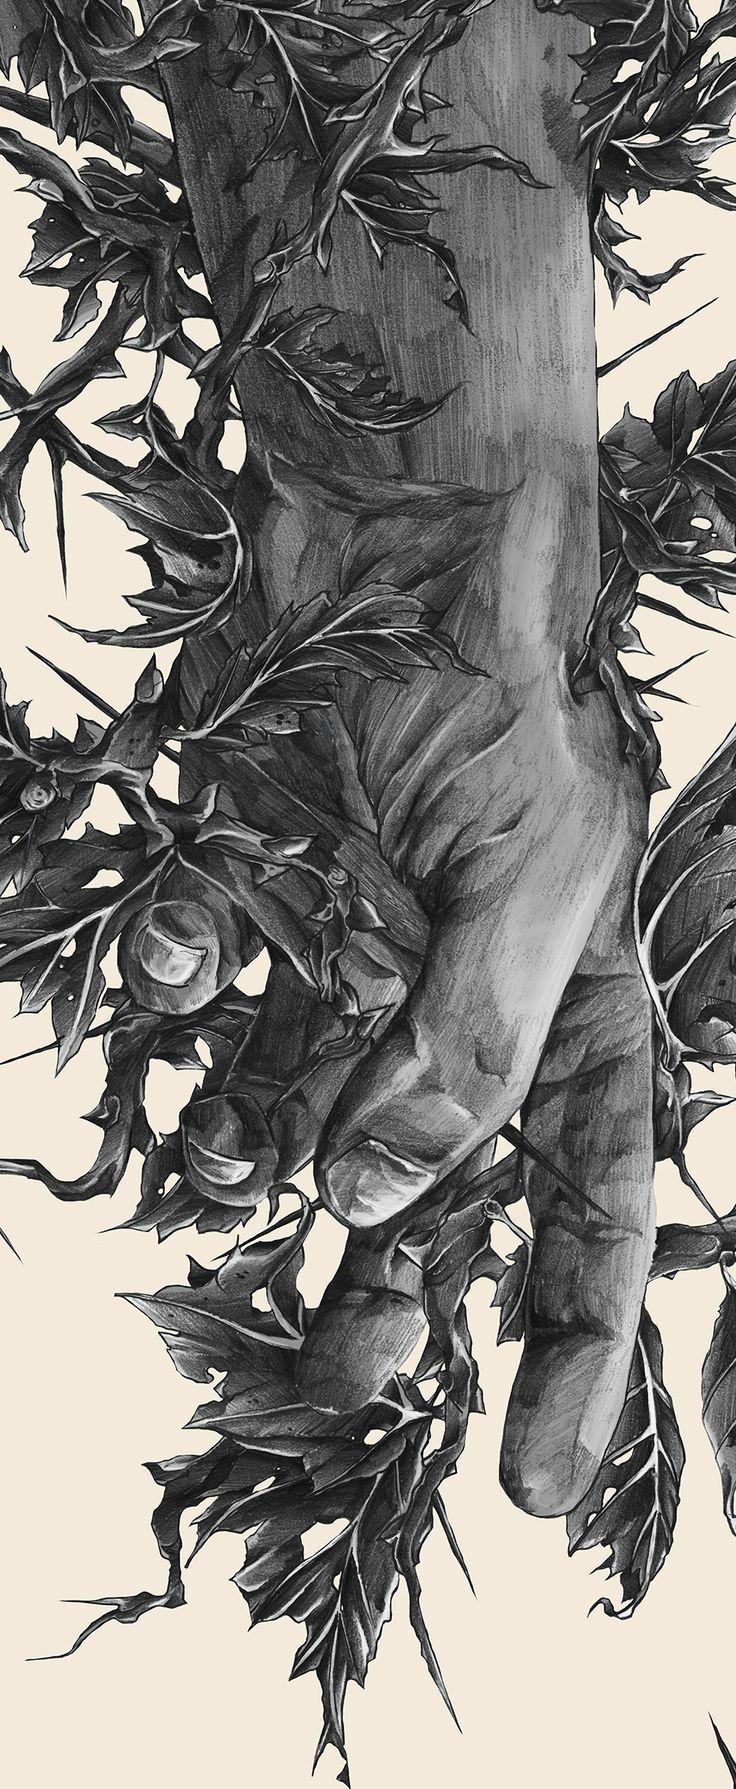 // LOVE by Tomasz Majewski